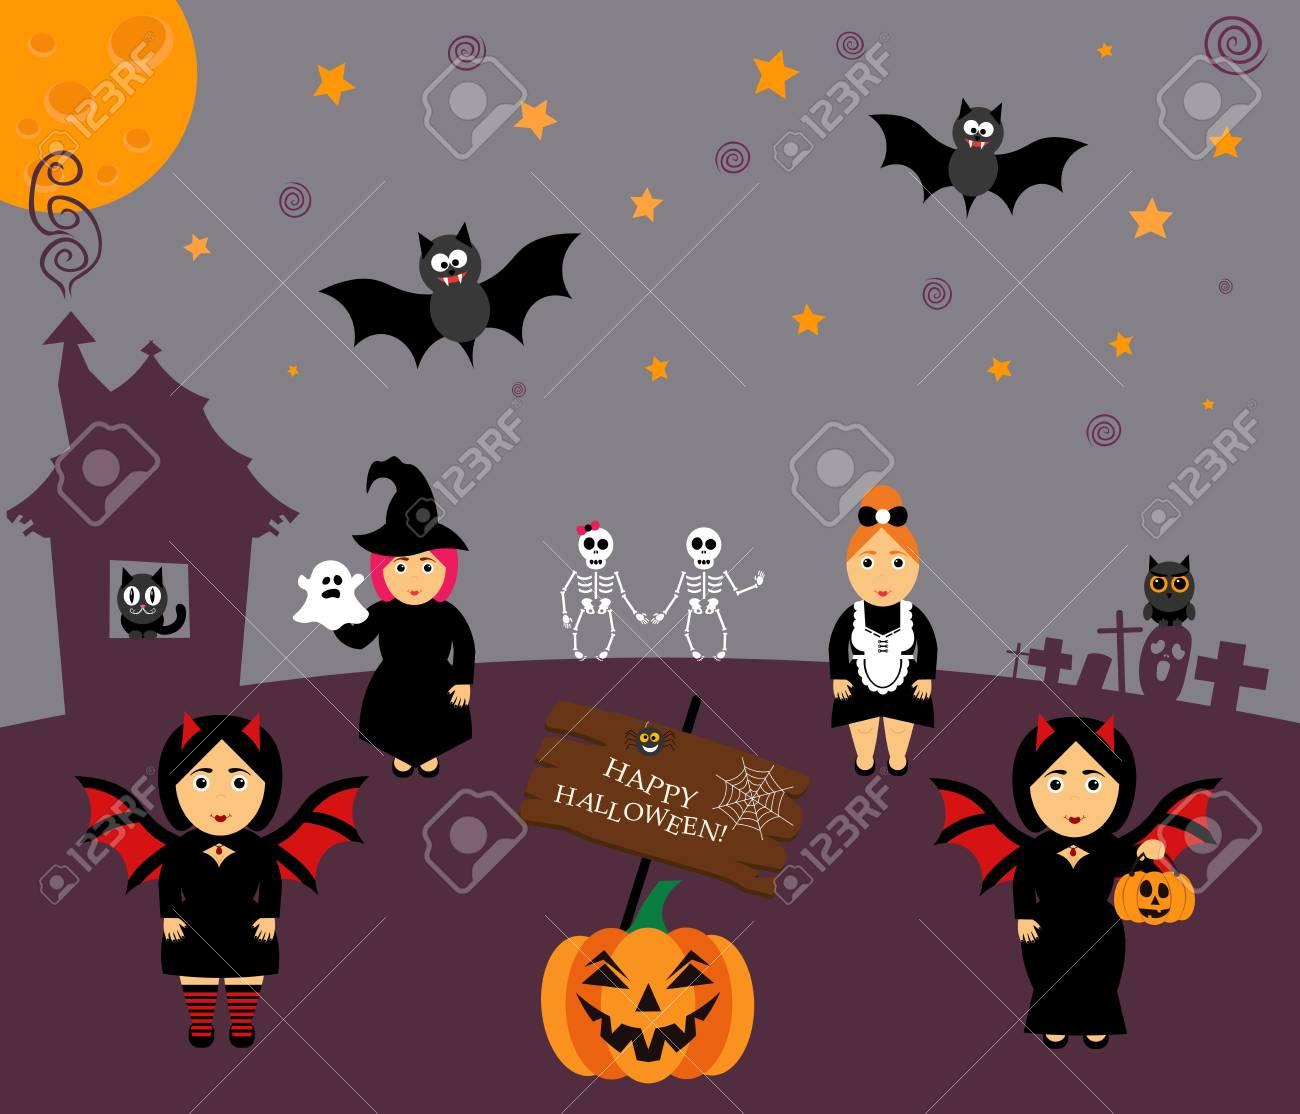 Vecteur Défini Des Personnages Pour Halloween Dans Le Style Moderne De Dessin Animé Fille Fantôme Chat Hibou Balai Lune Chauve Souris Et Autres